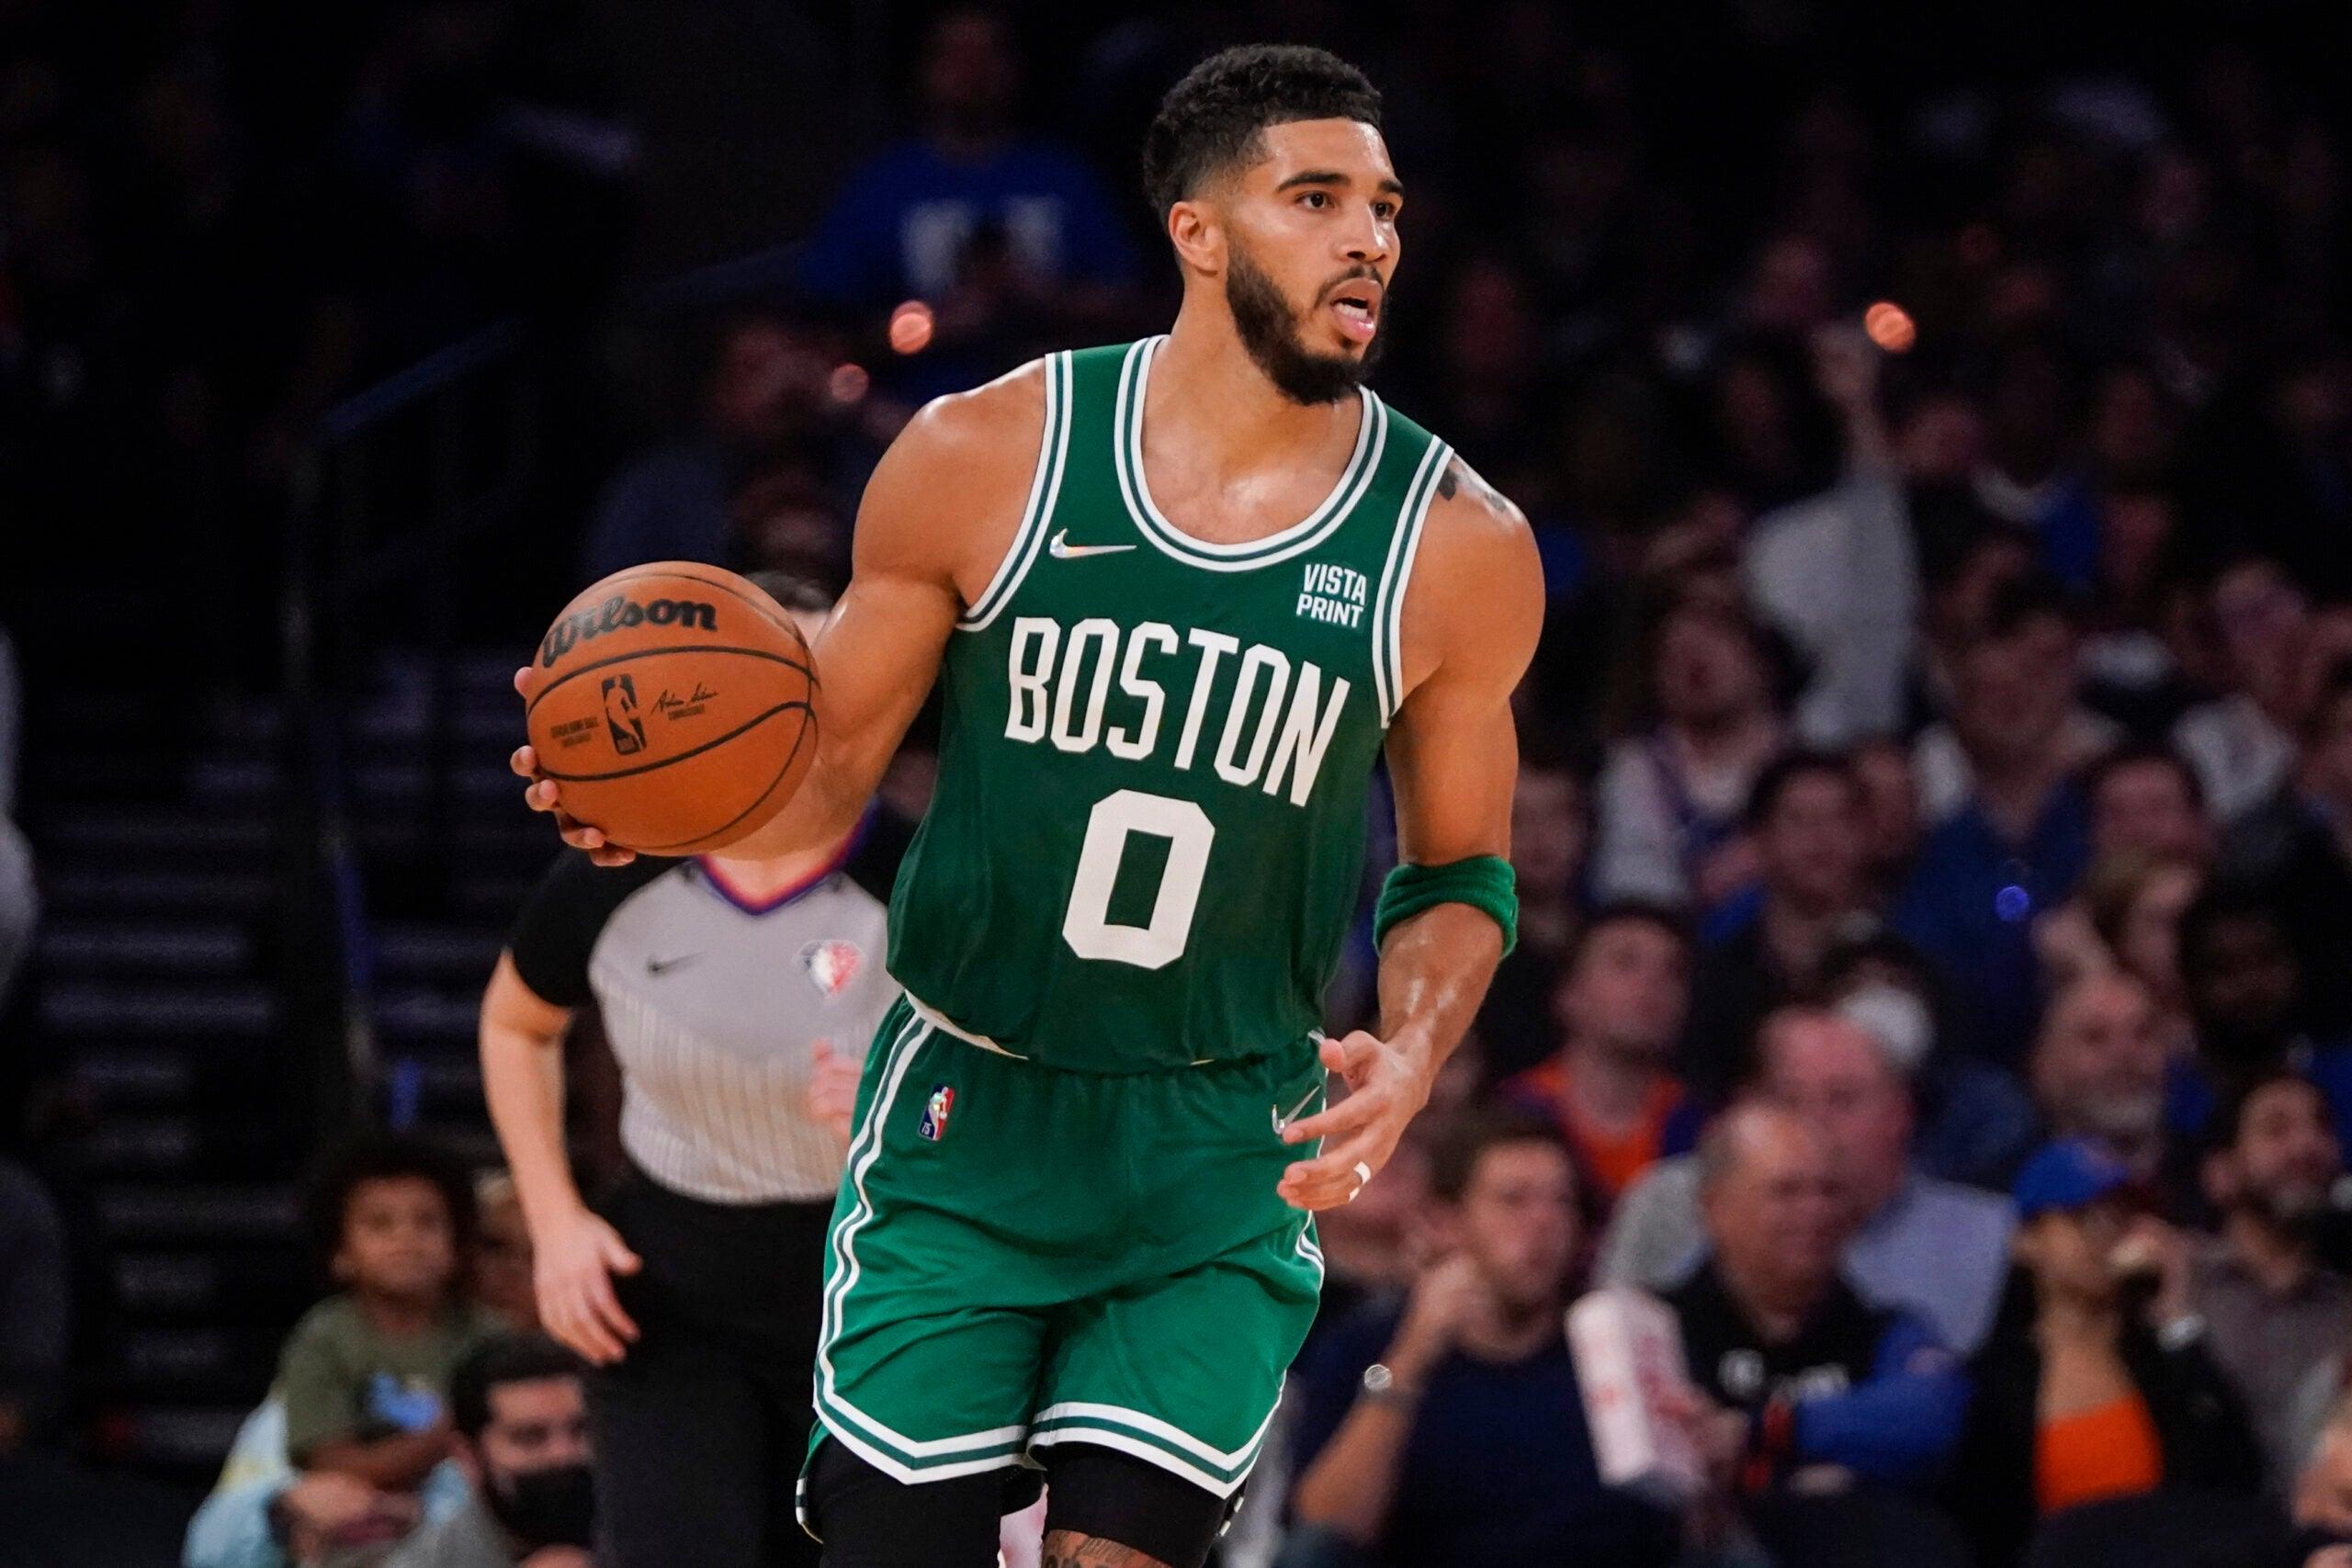 Celtics Jayson Tatum